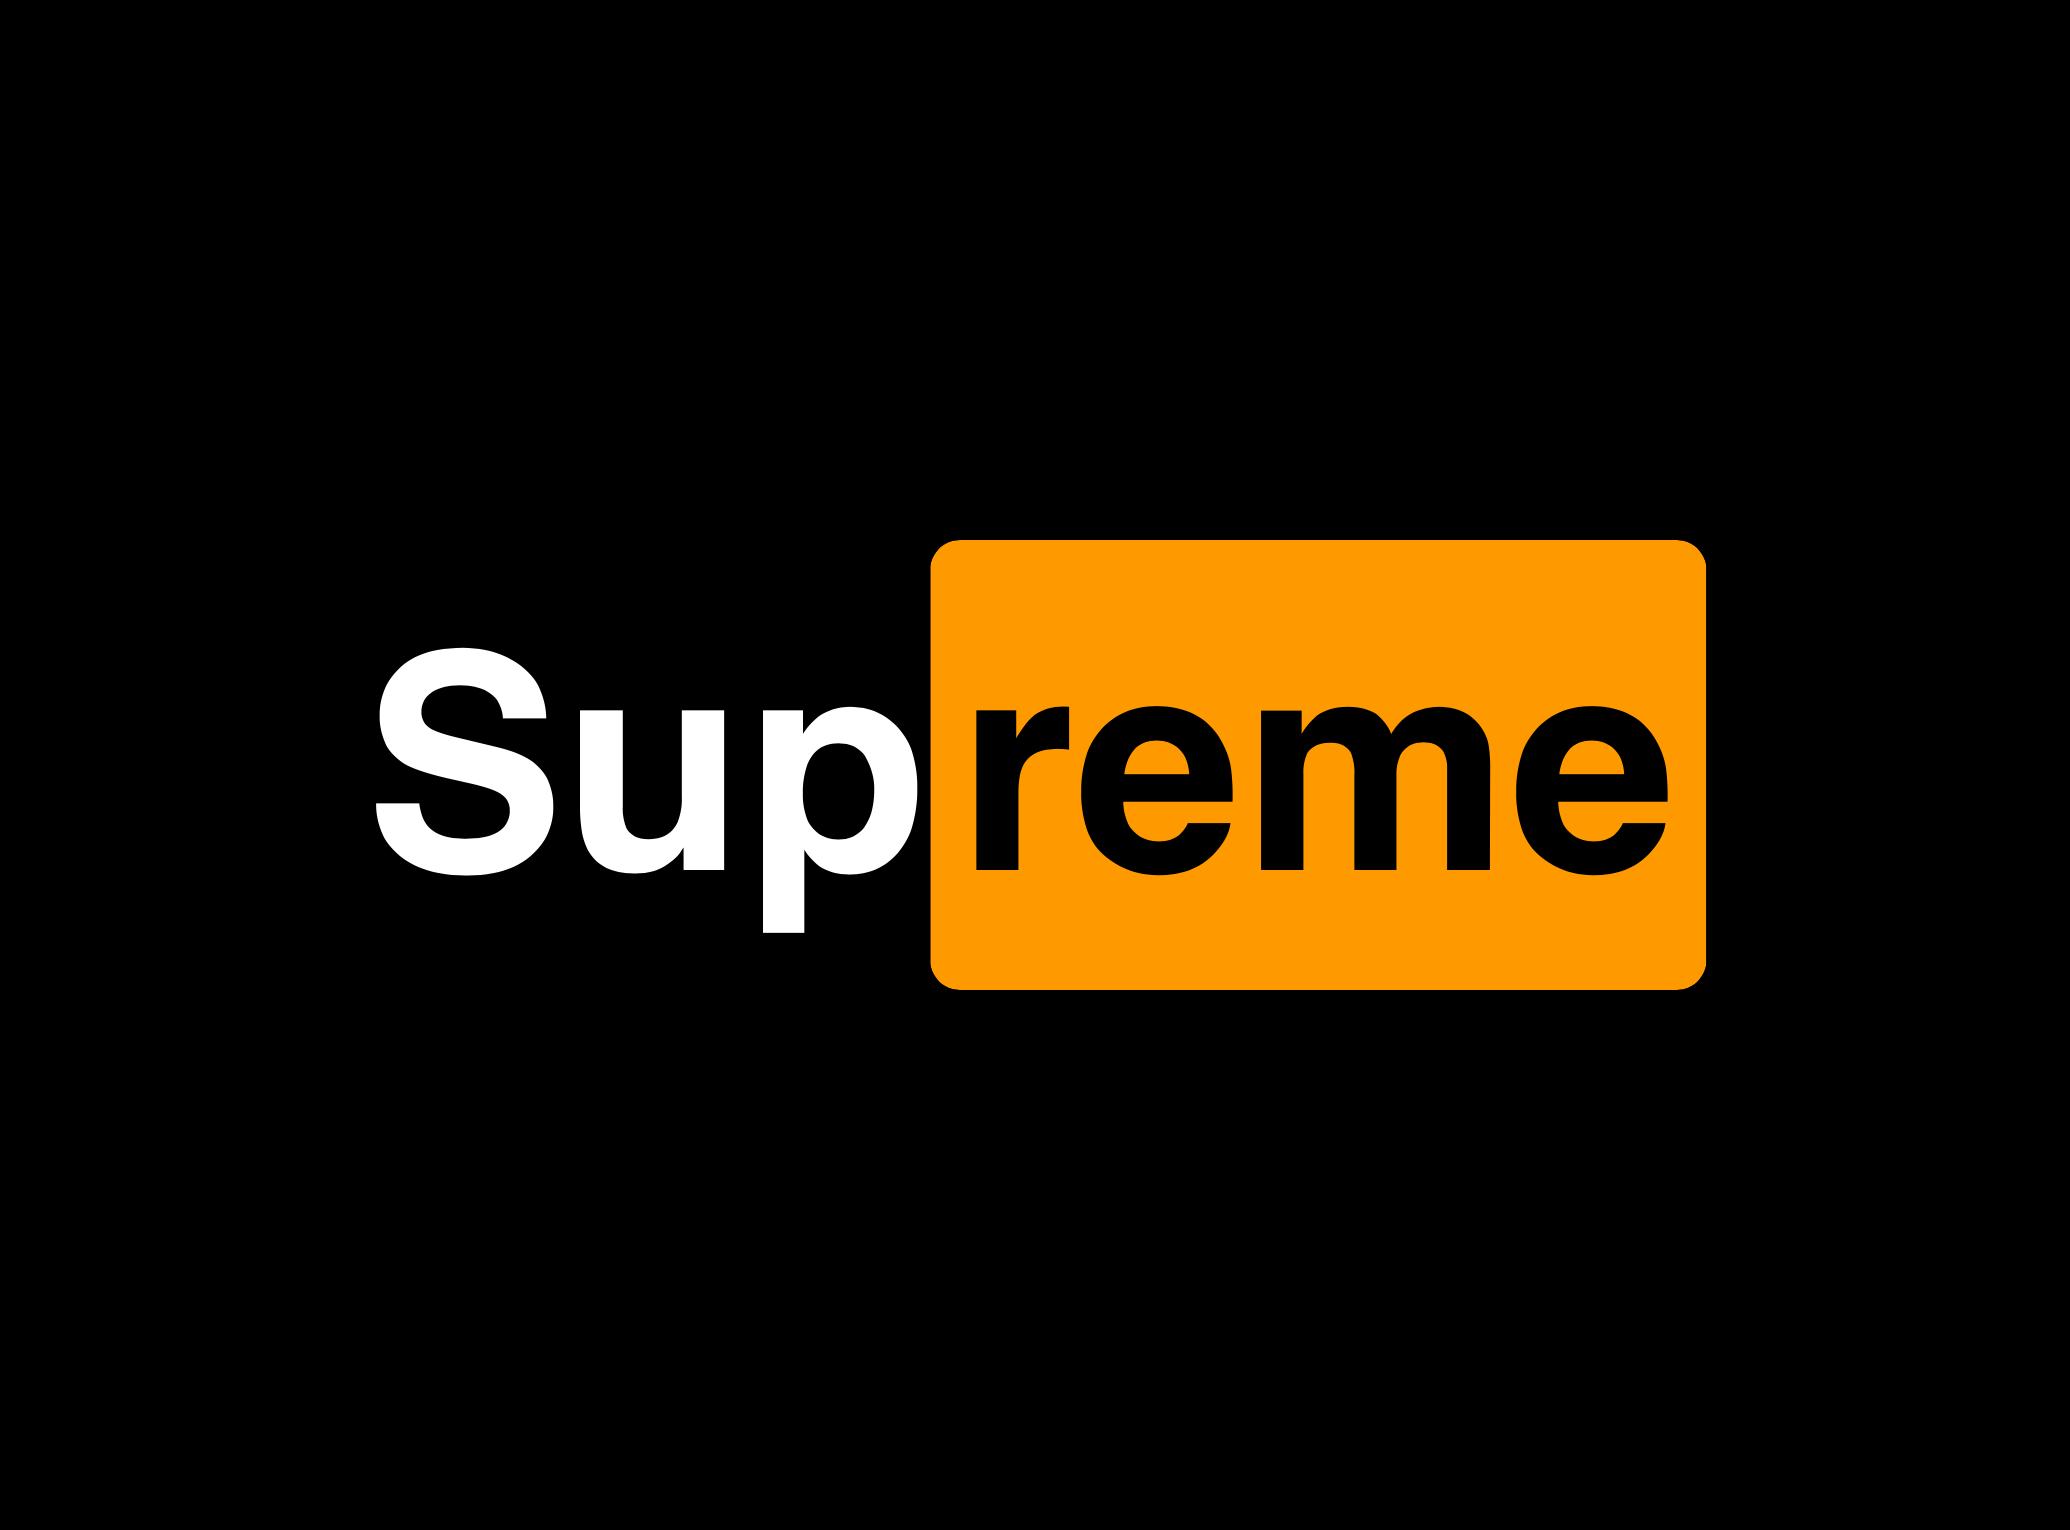 Supreme Supreme Wallpaper Supreme Iphone Wallpaper Supreme Sticker